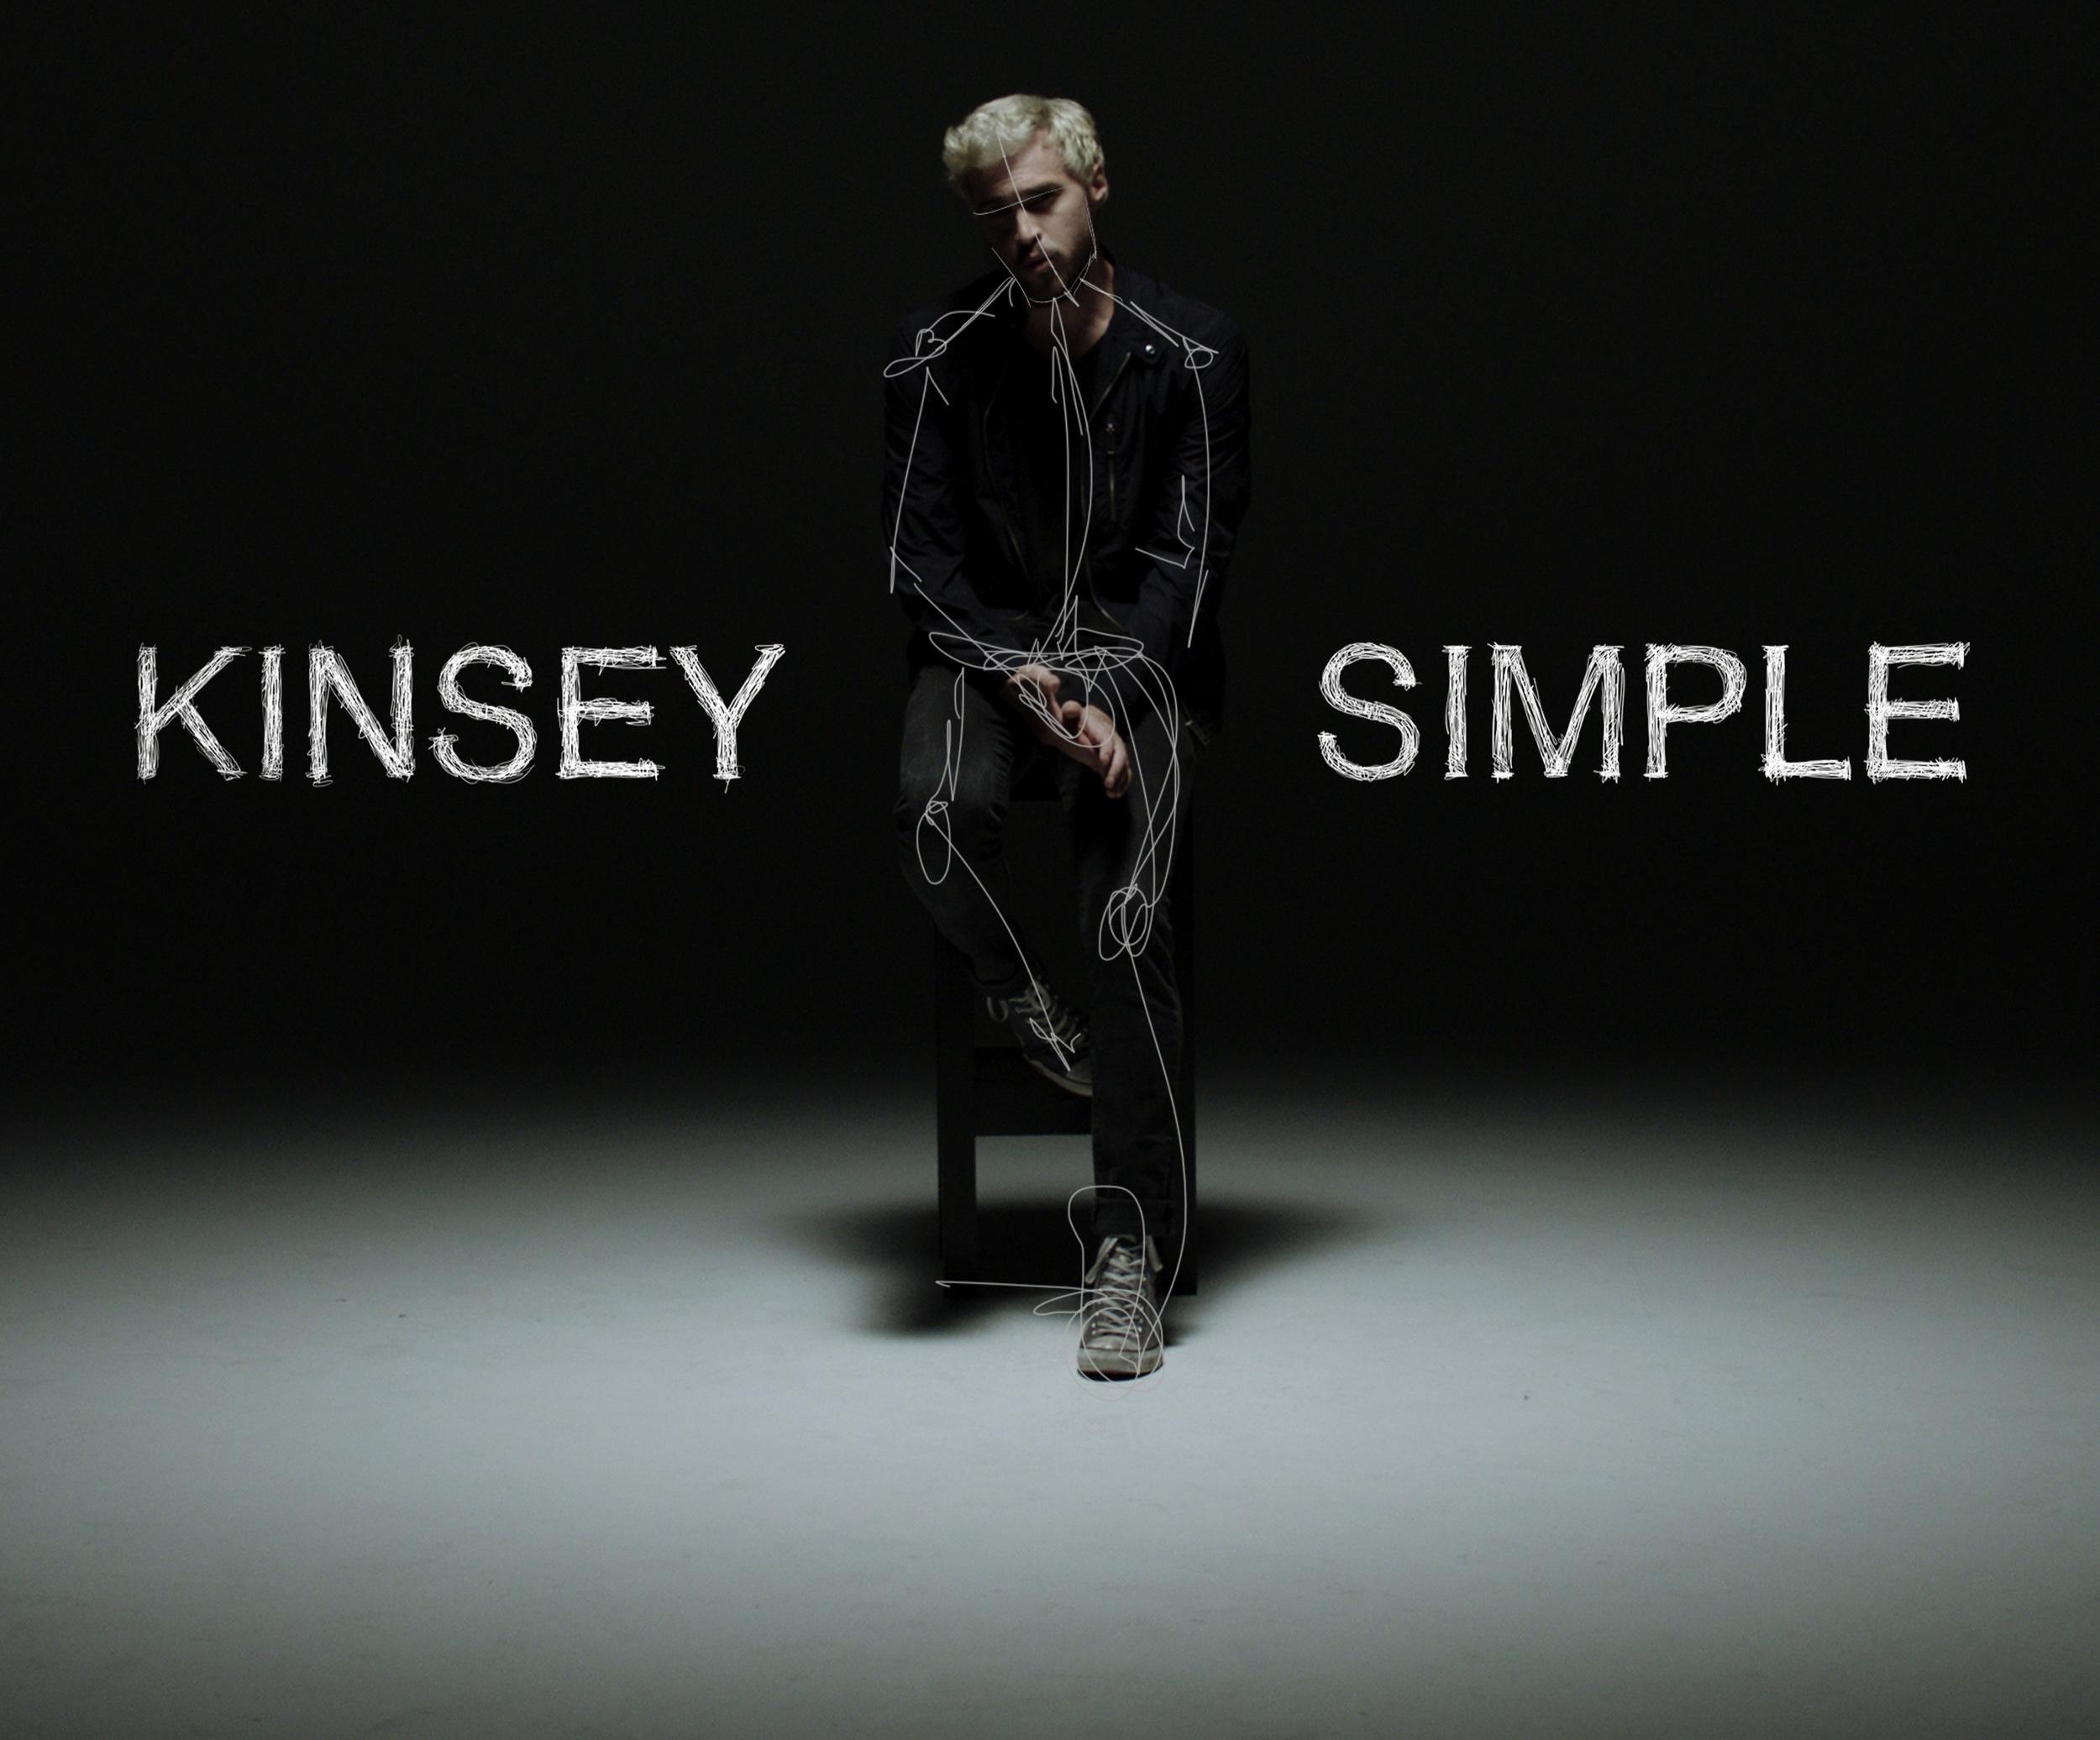 Kinsey_Simple_Single_3000.jpg